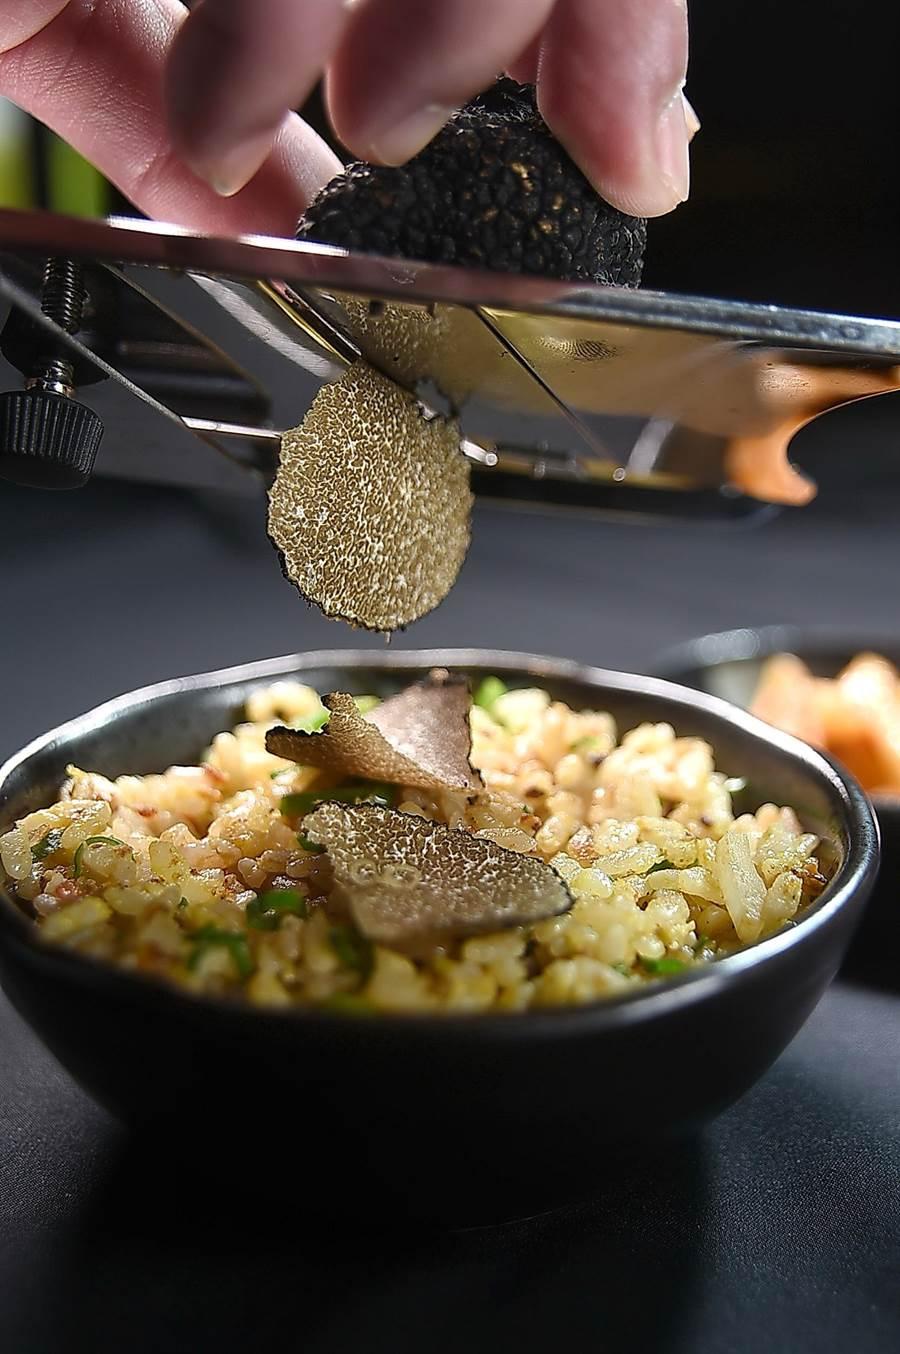 〈USHIMITSU犇和牛館〉套餐的壓軸菜式〈黑豚1983鐵板炒飯〉,會現刨黑松露給客人享用。(圖/姚舜)